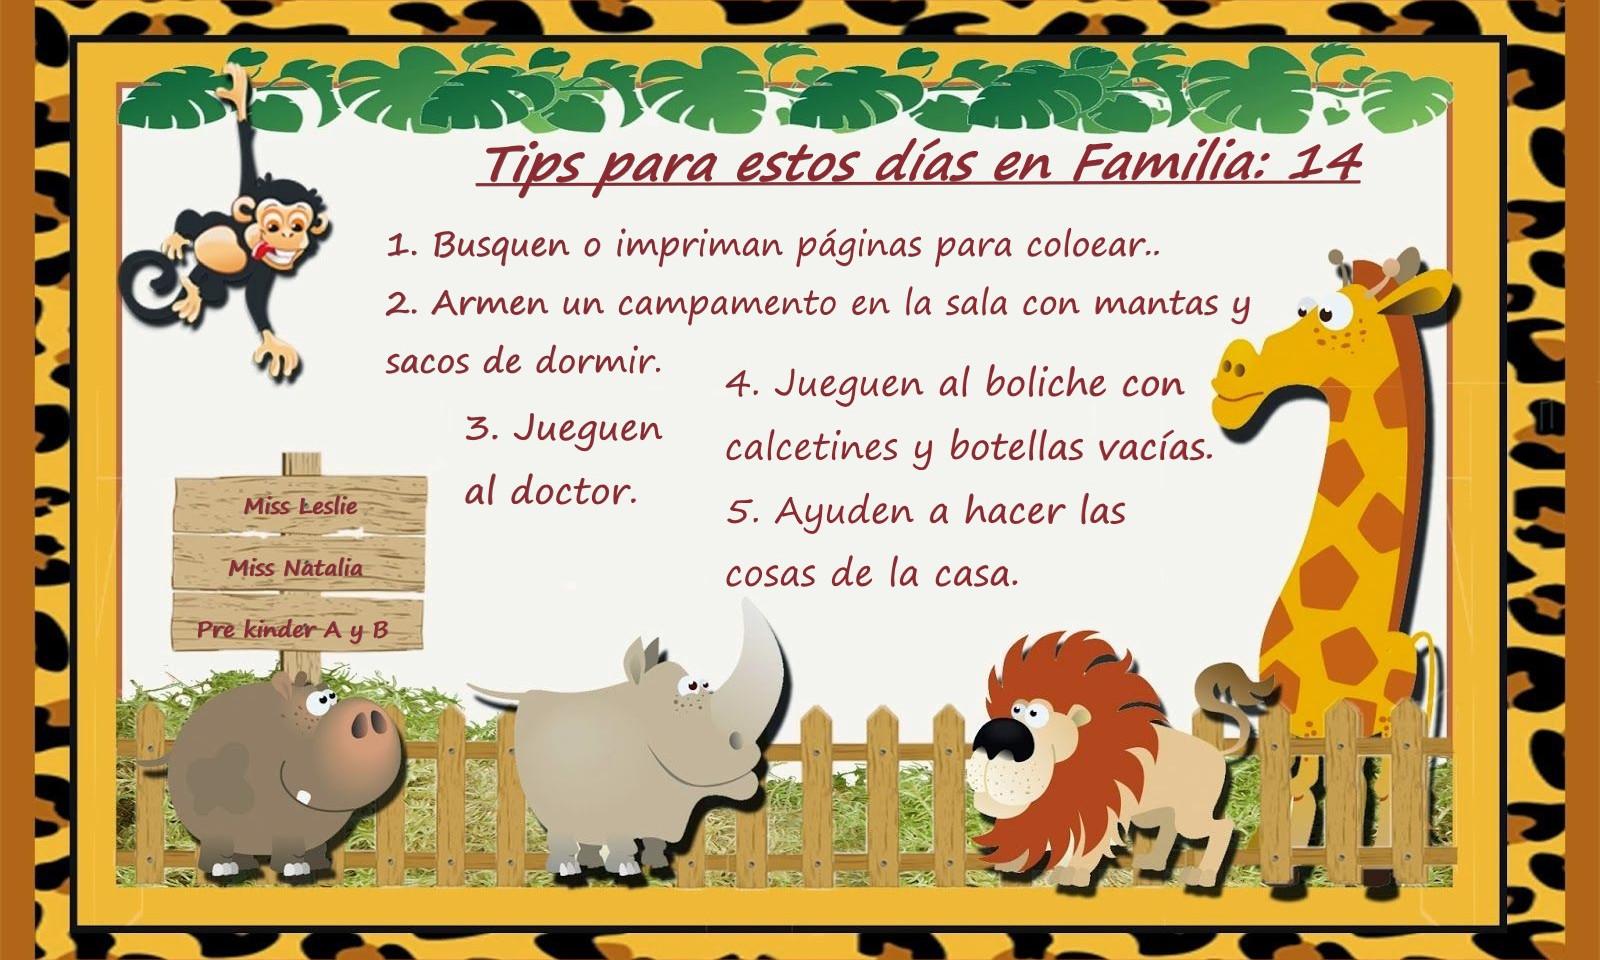 tips 14.jpg